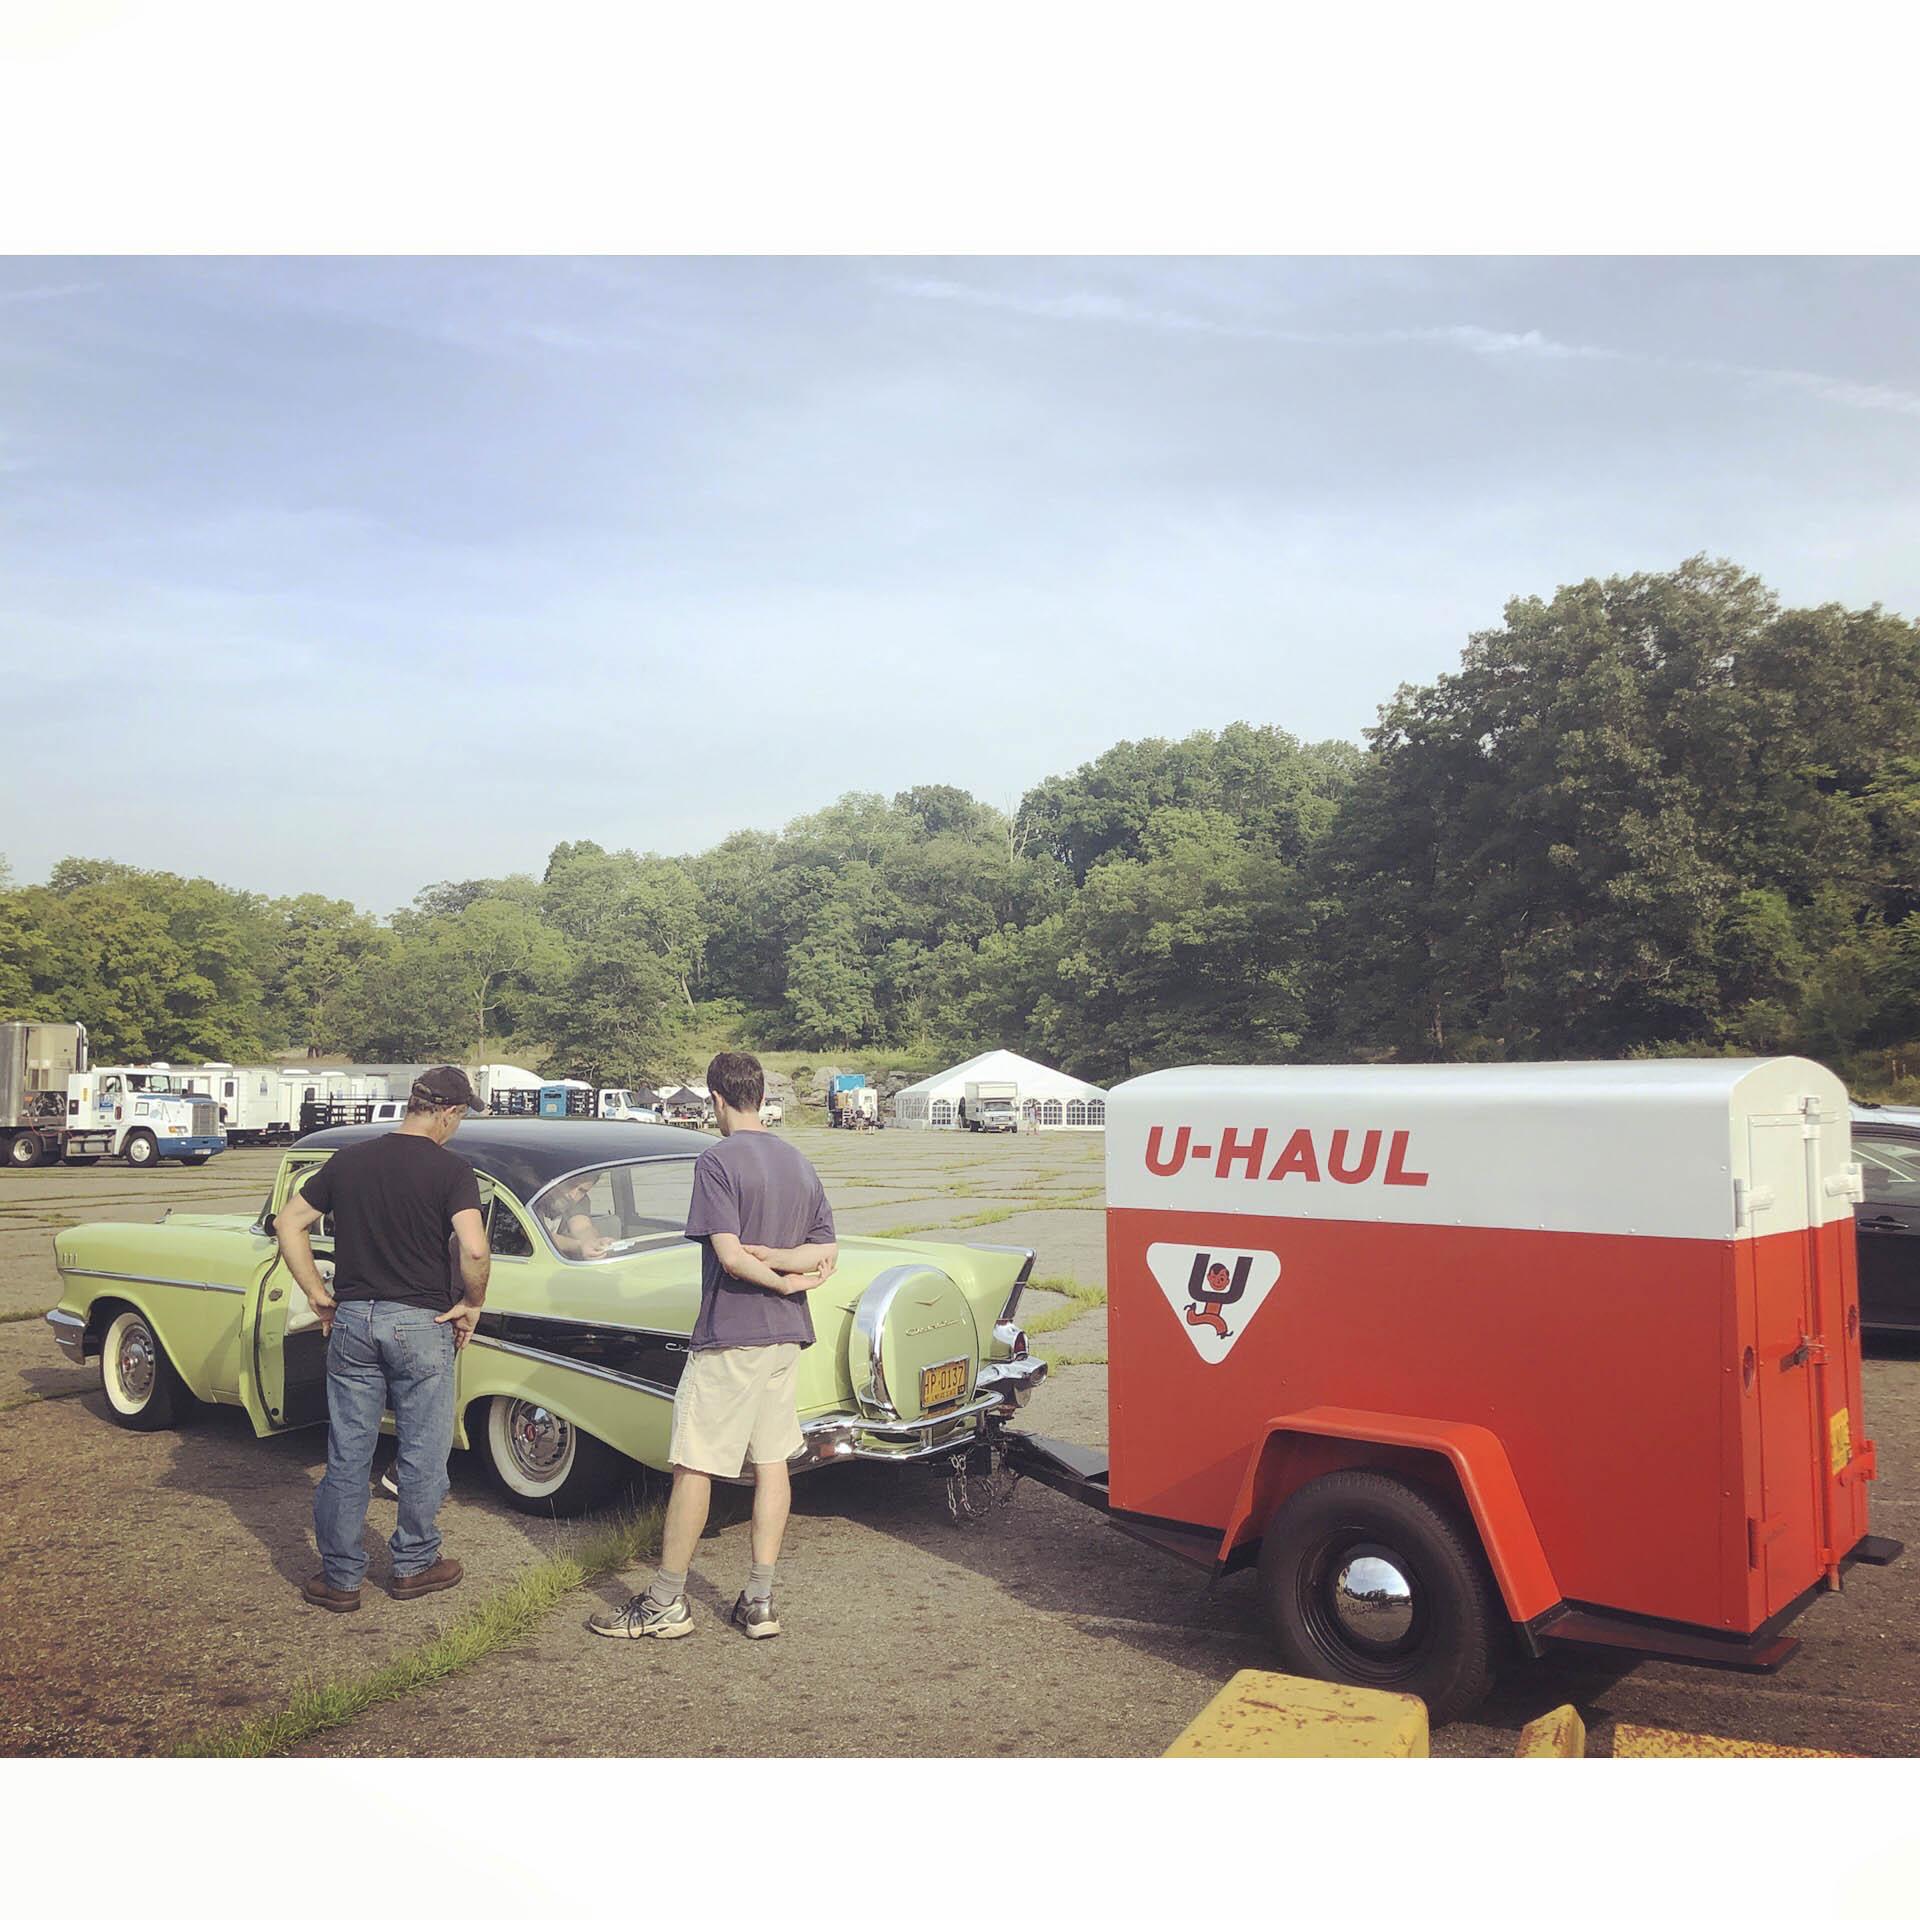 1957 Chevrolet 210 sedan, with custom built replica of 1956 U Haul trailer built for The Marvelous Mrs. Maisel by Paul Mantell, filmed Harriman State Park NY